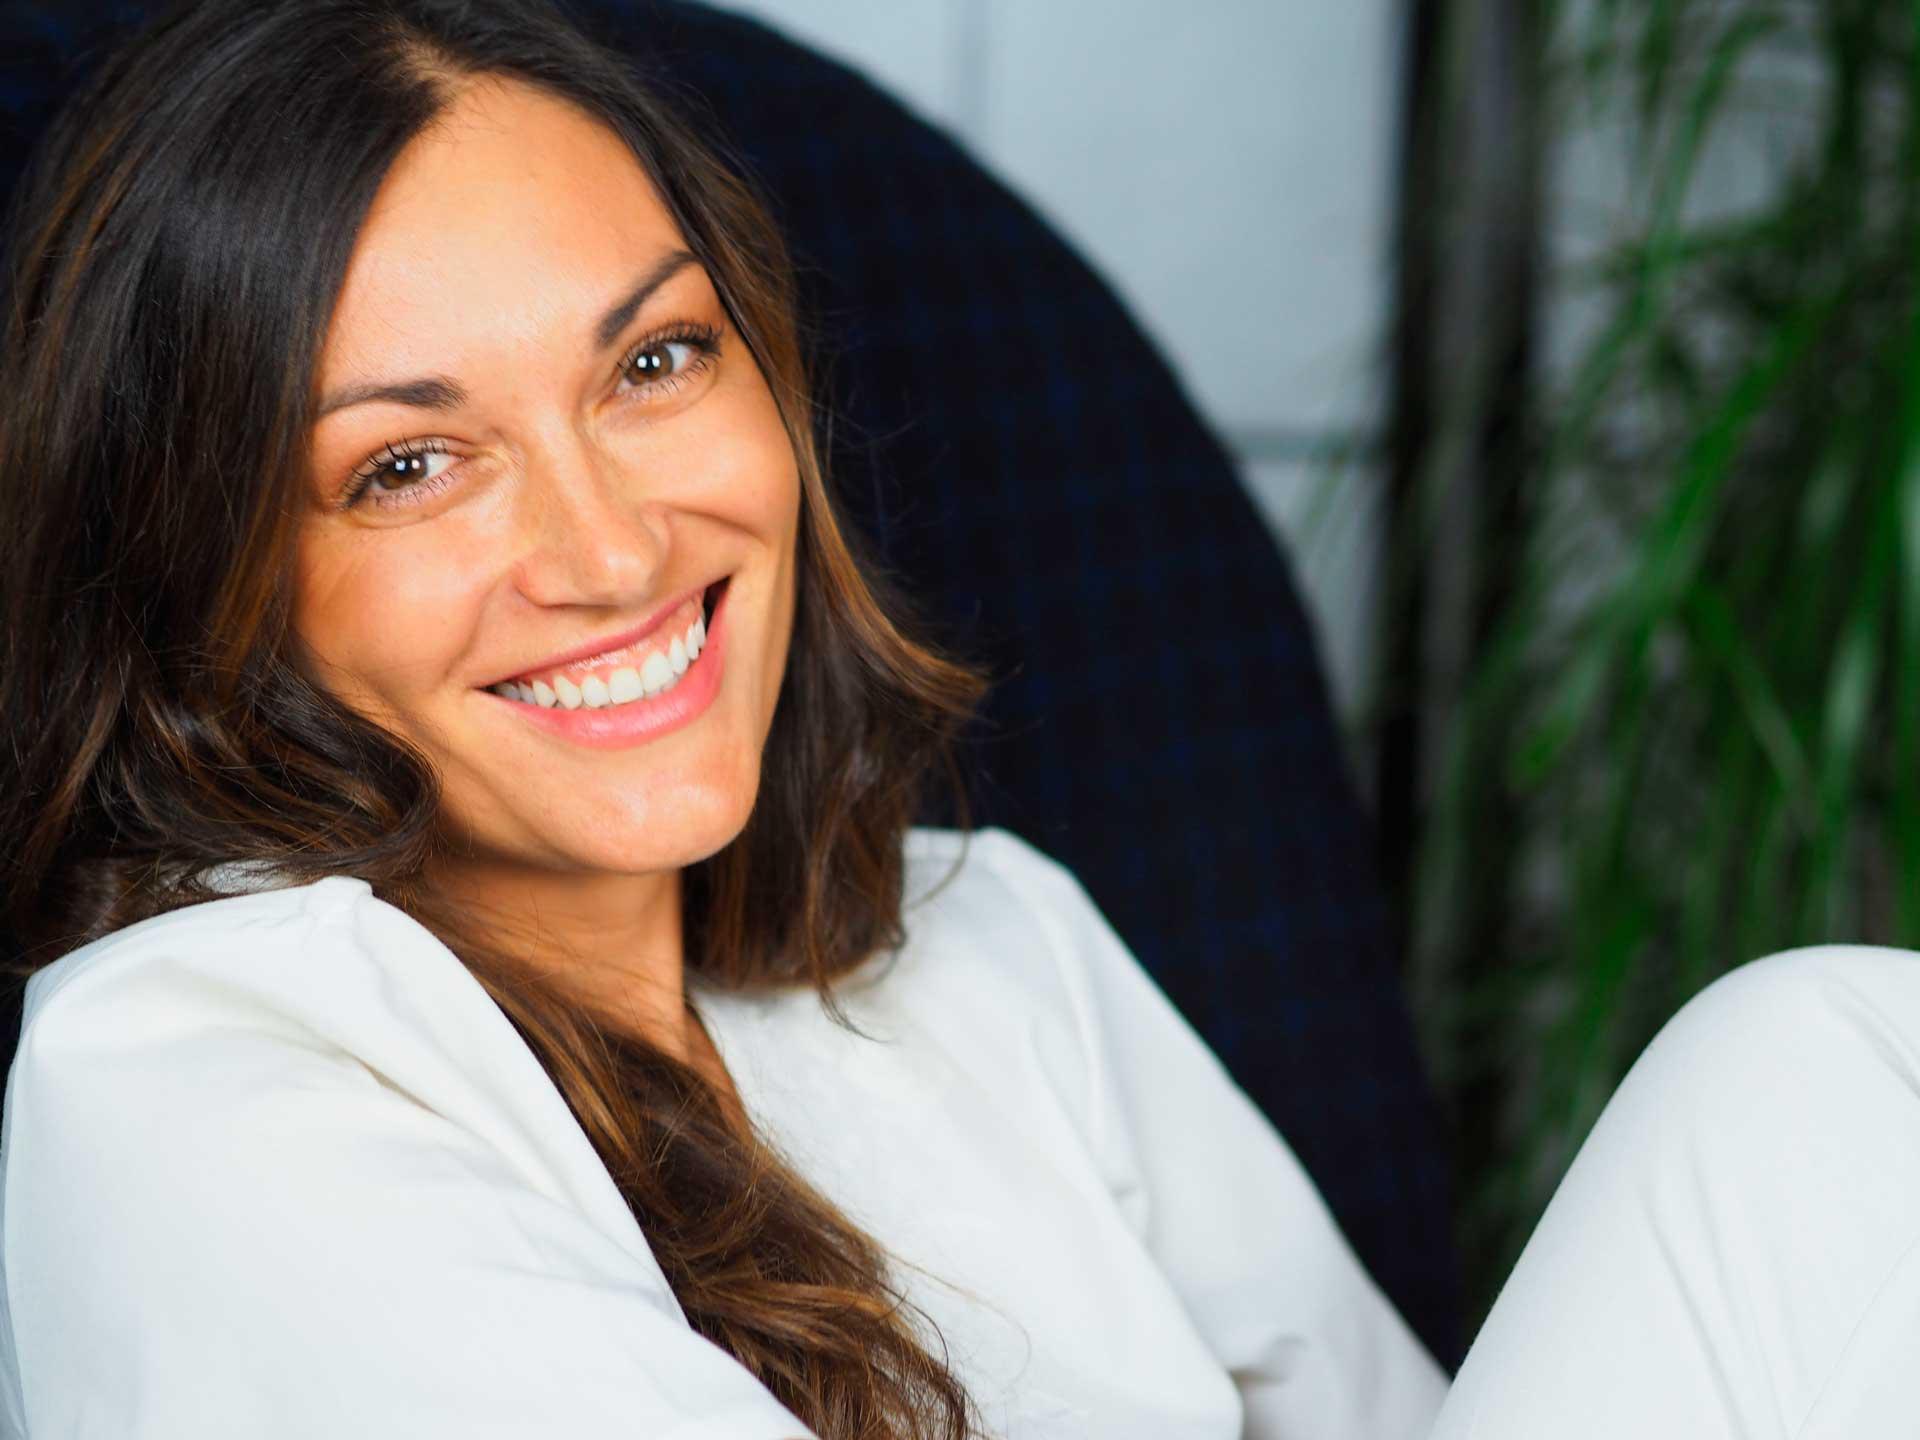 Cristina Corrales Fisioterapia